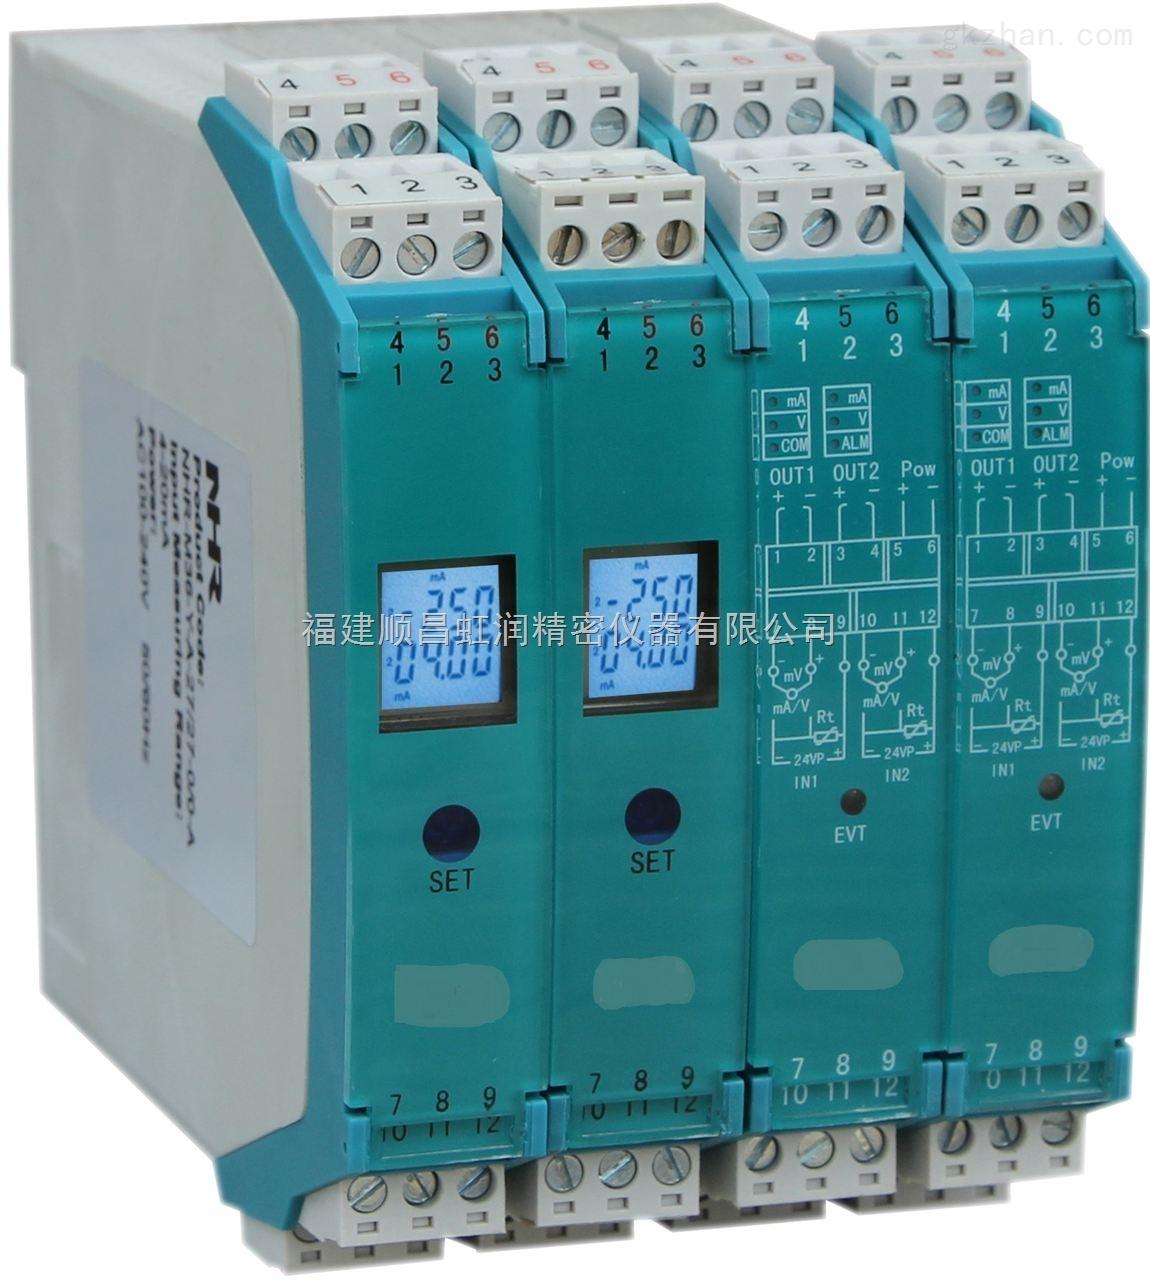 虹润推出NHR-M31智能电压/电流变送器